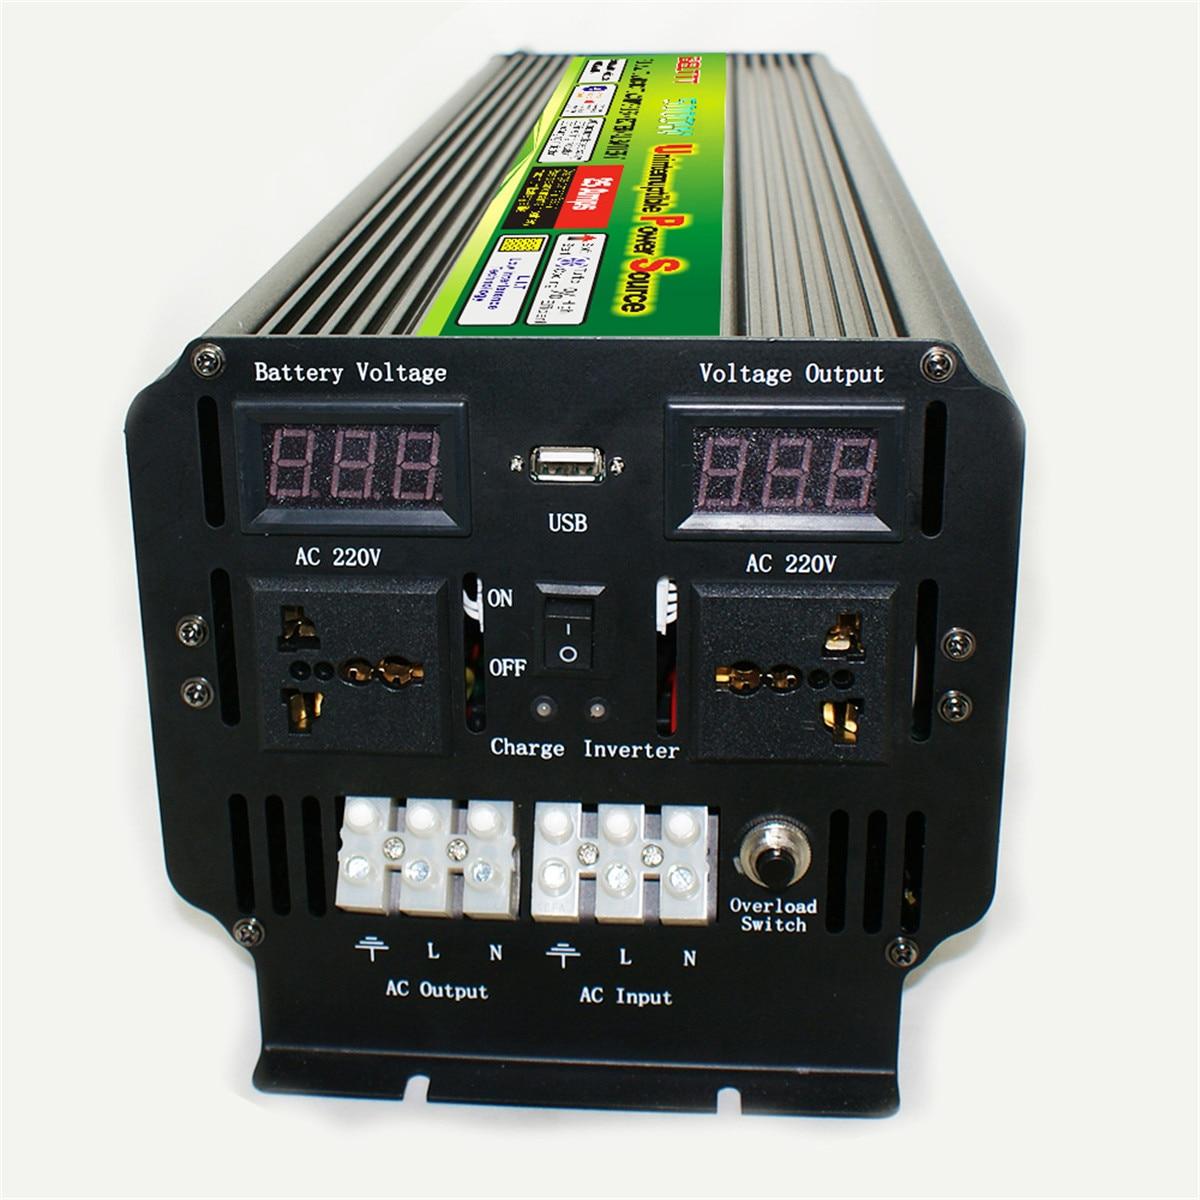 10000 W (MAX) 5000 W 12/24 V A 220 V Onda Sinusoidale Modificata Convertitore UPS Inverter di Potenza per il Solare/Vento ricaricabile 5KW Auto Inverter10000 W (MAX) 5000 W 12/24 V A 220 V Onda Sinusoidale Modificata Convertitore UPS Inverter di Potenza per il Solare/Vento ricaricabile 5KW Auto Inverter